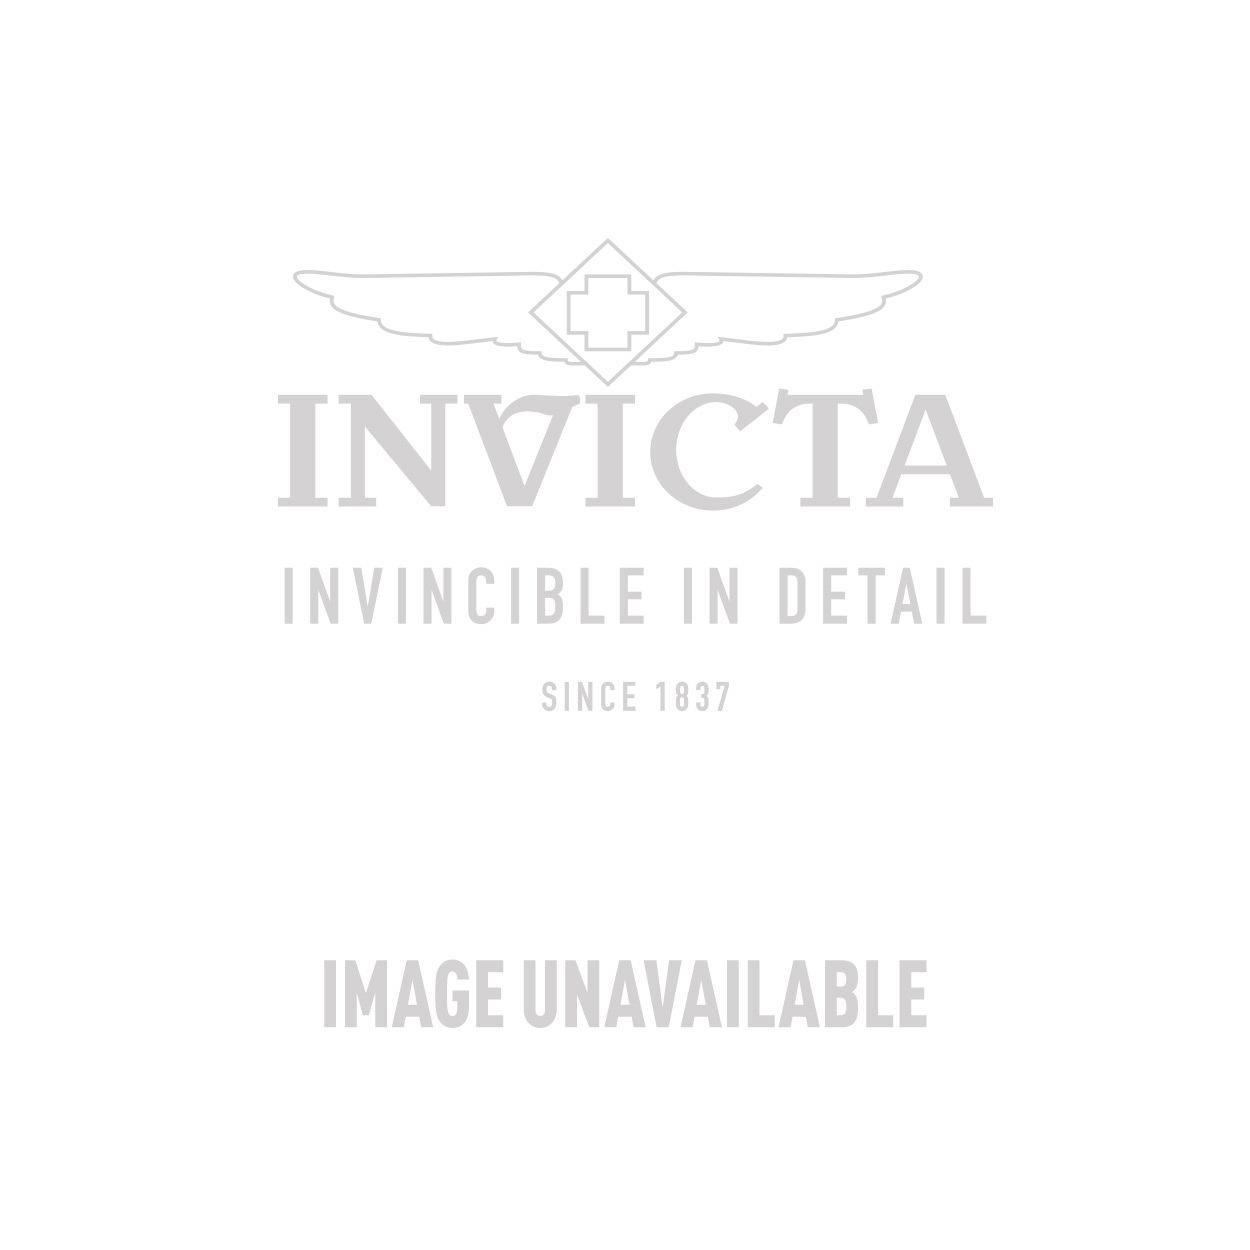 Invicta Model 28213